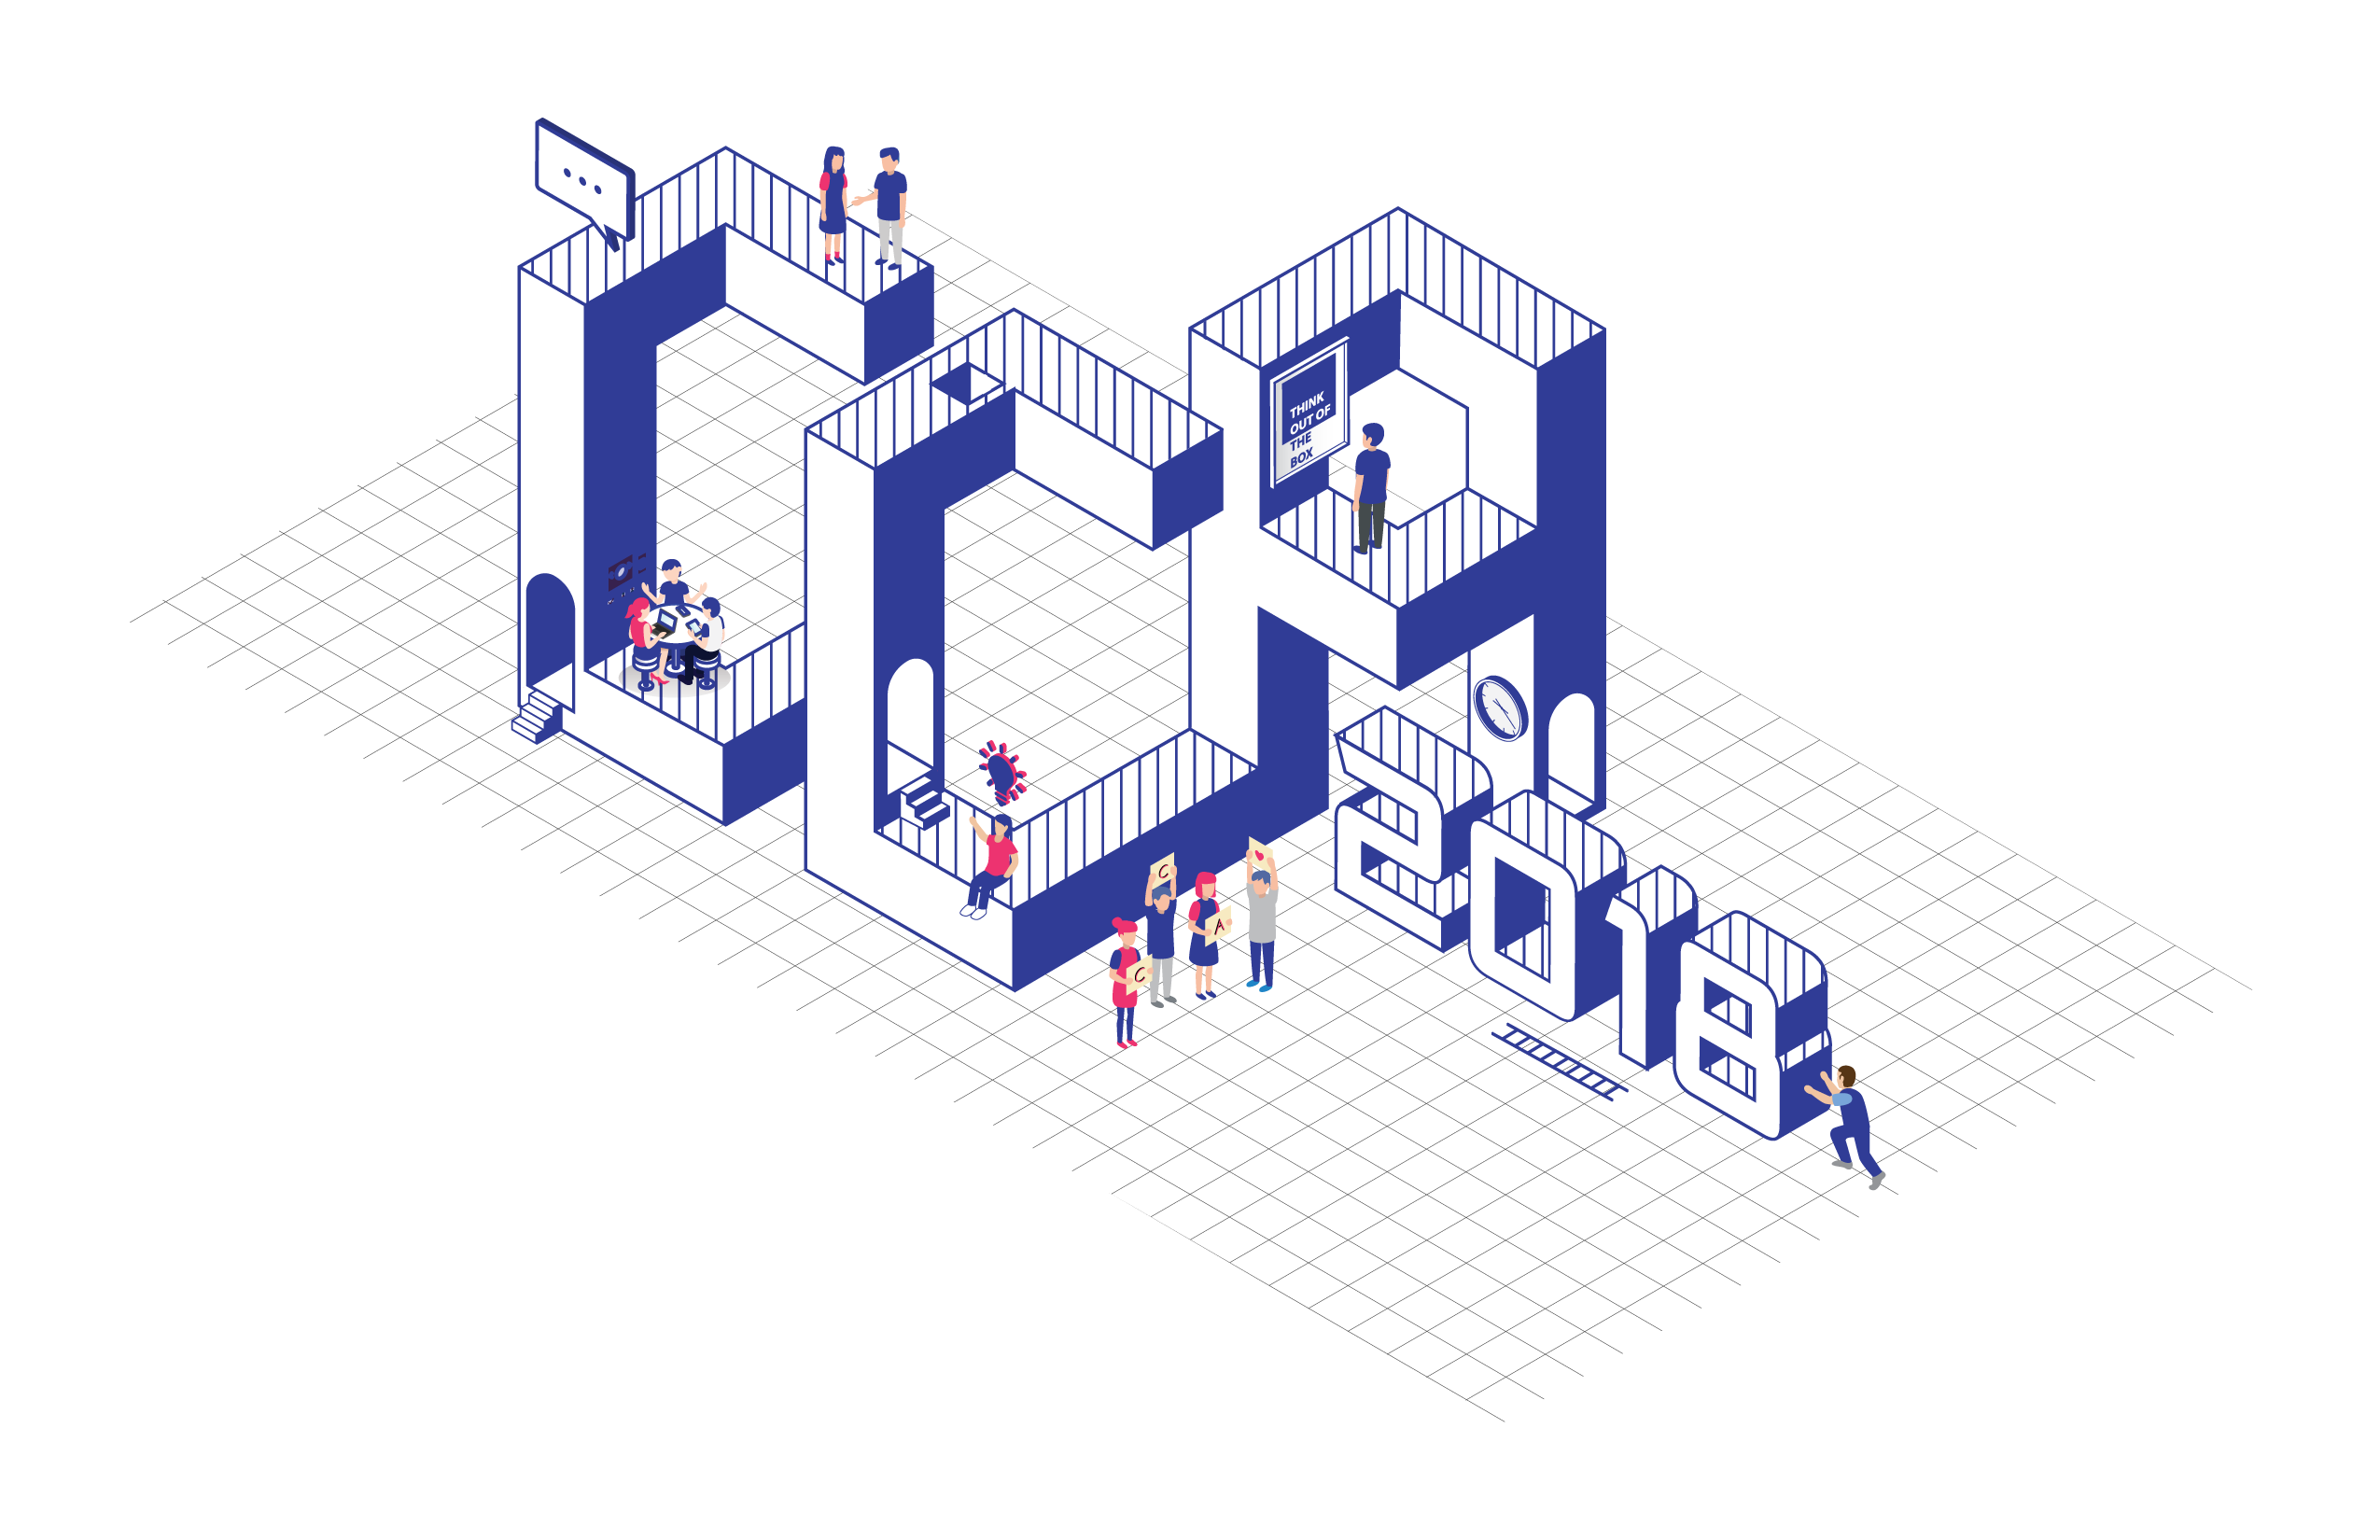 theme CCA2018-01